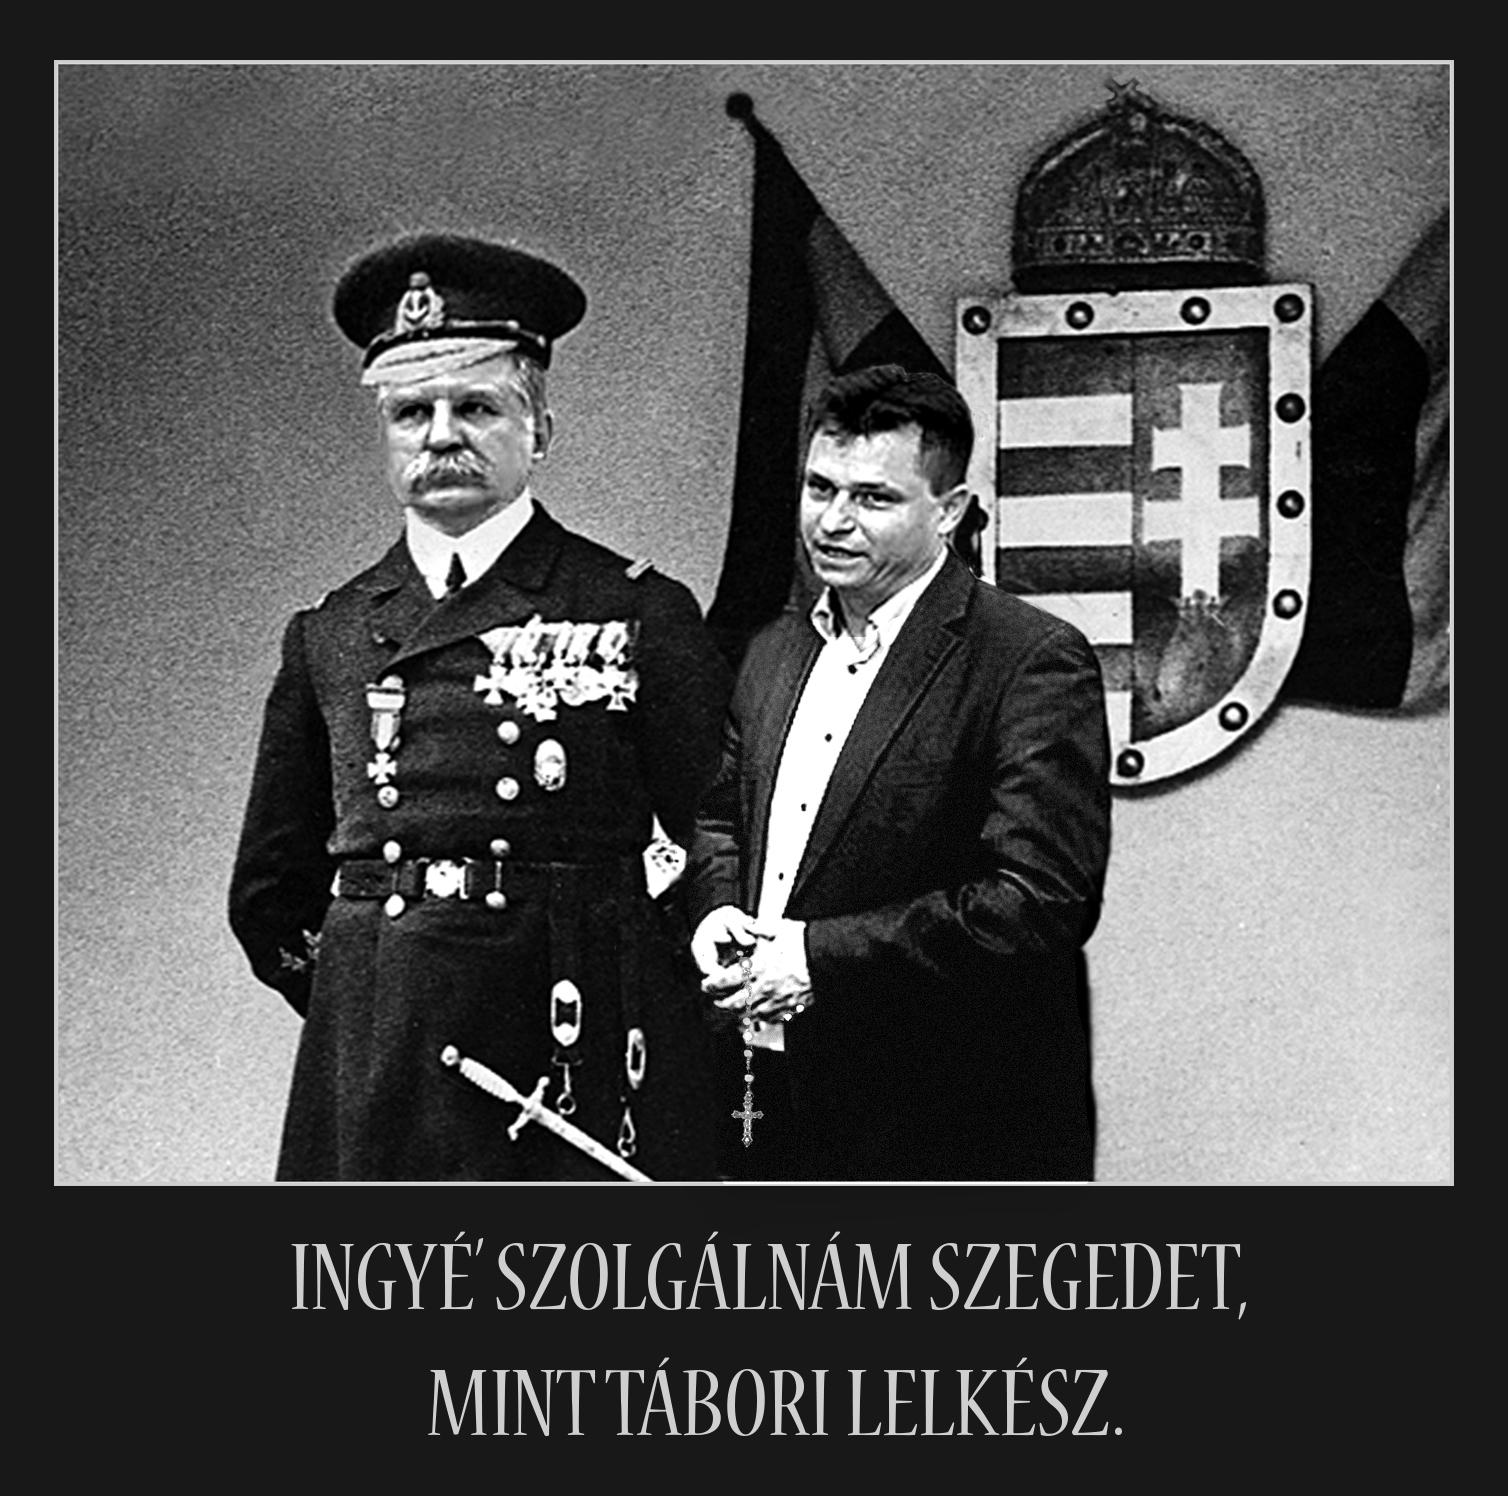 kothencz_t_bori_lelk_sz_1409409534.jpg_1508x1496